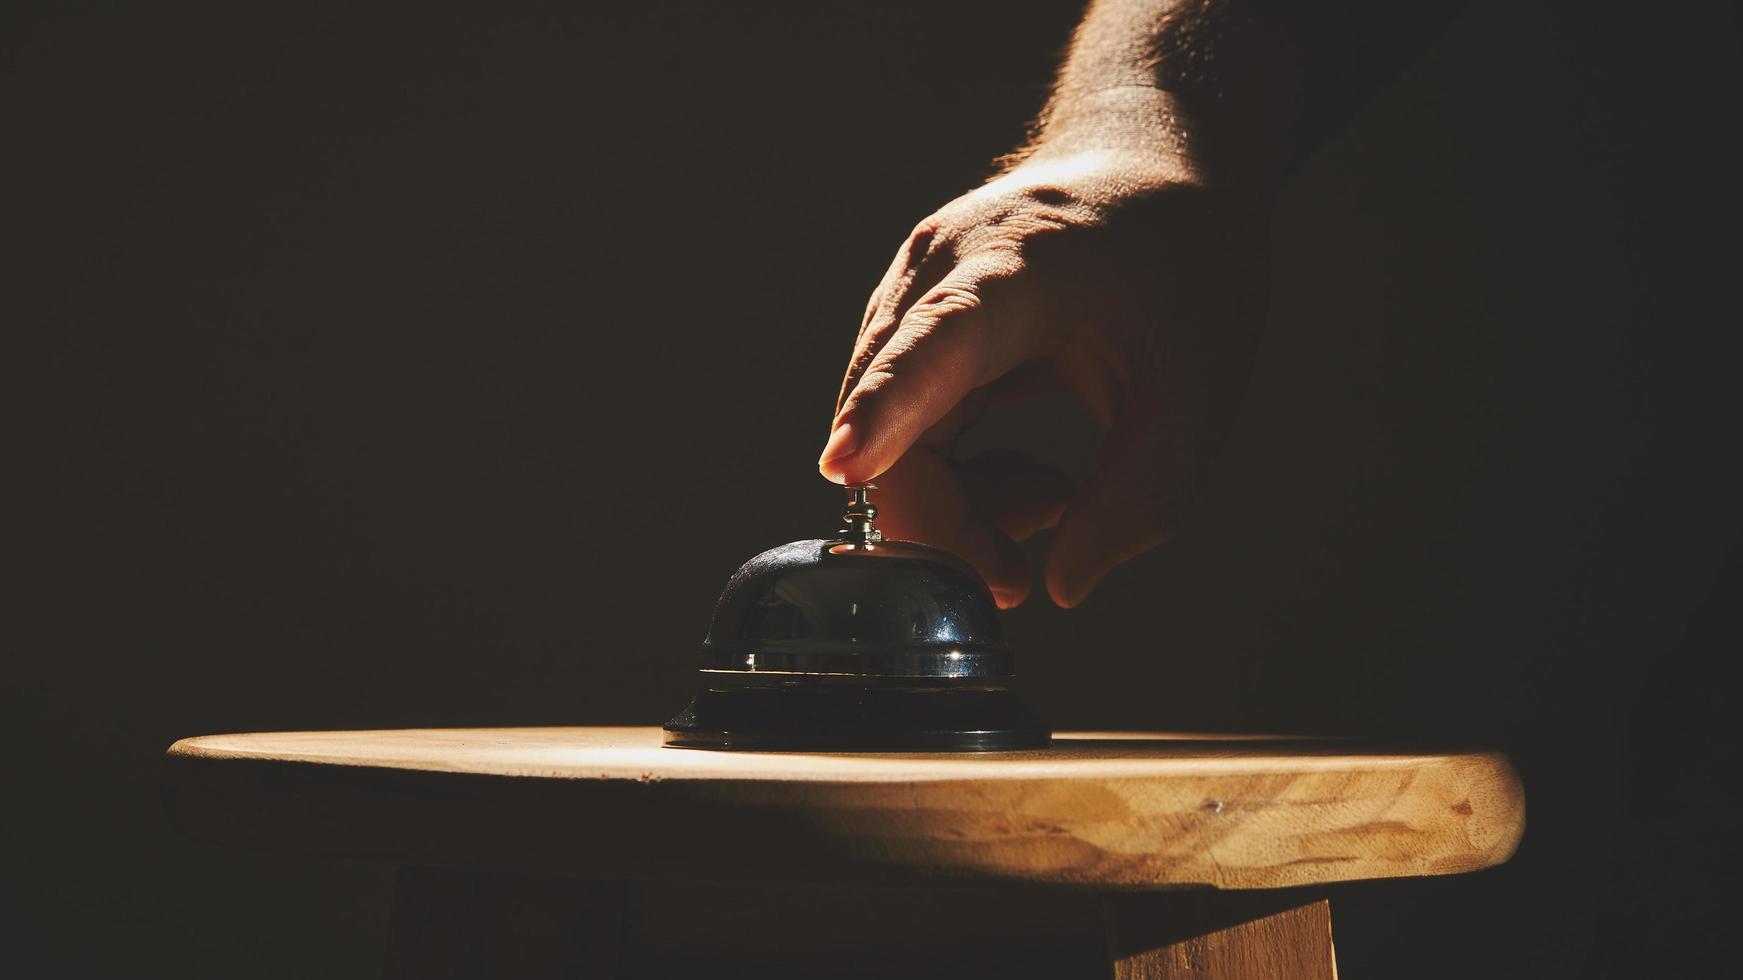 doigt sur la cloche de service photo